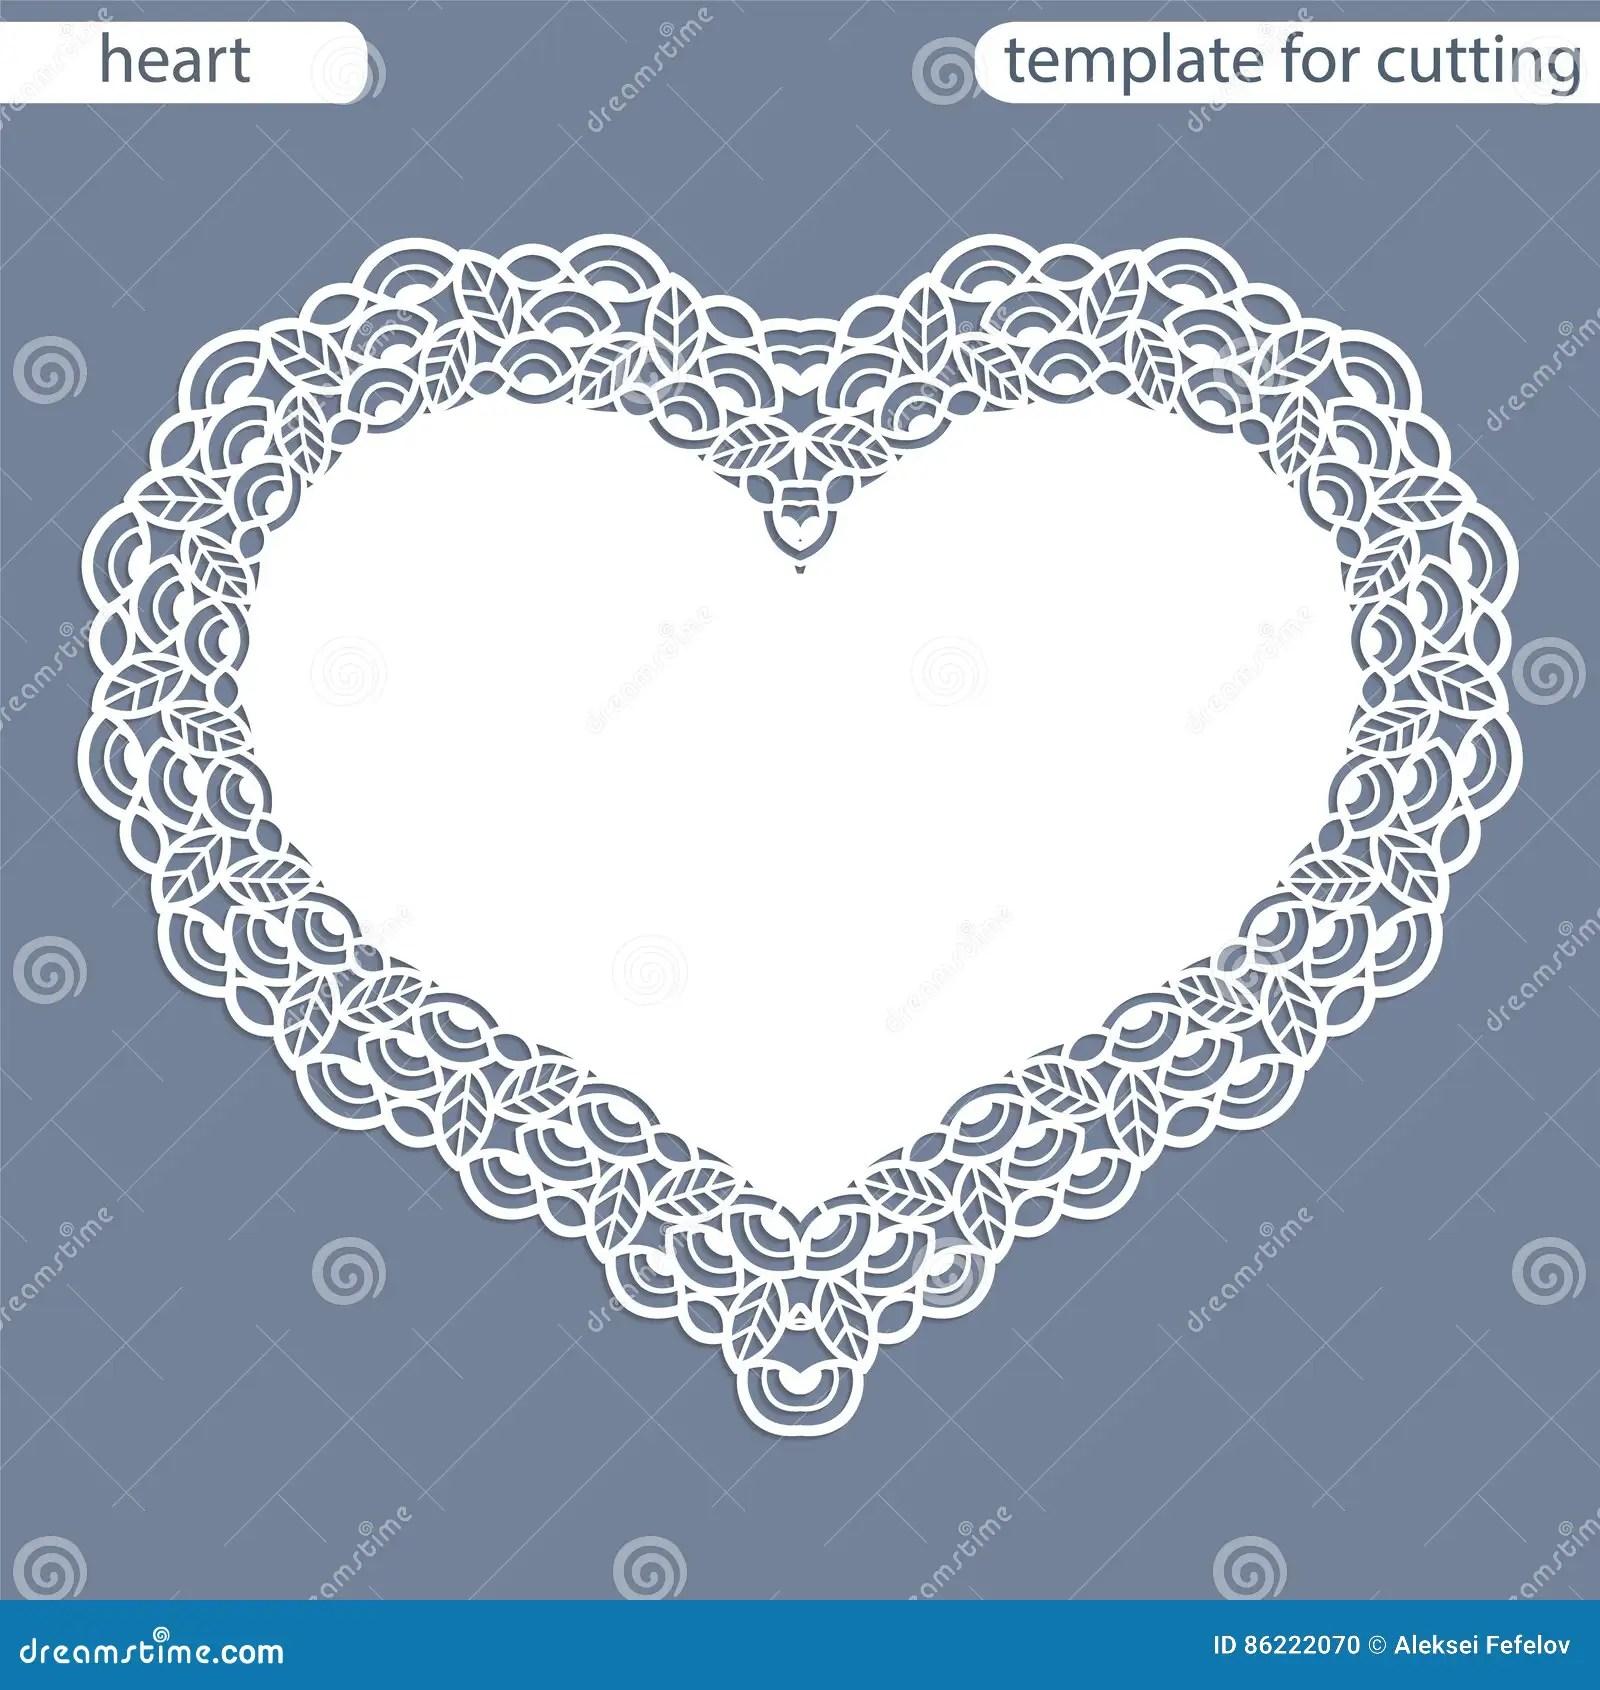 Heart Laser Cut Invitation